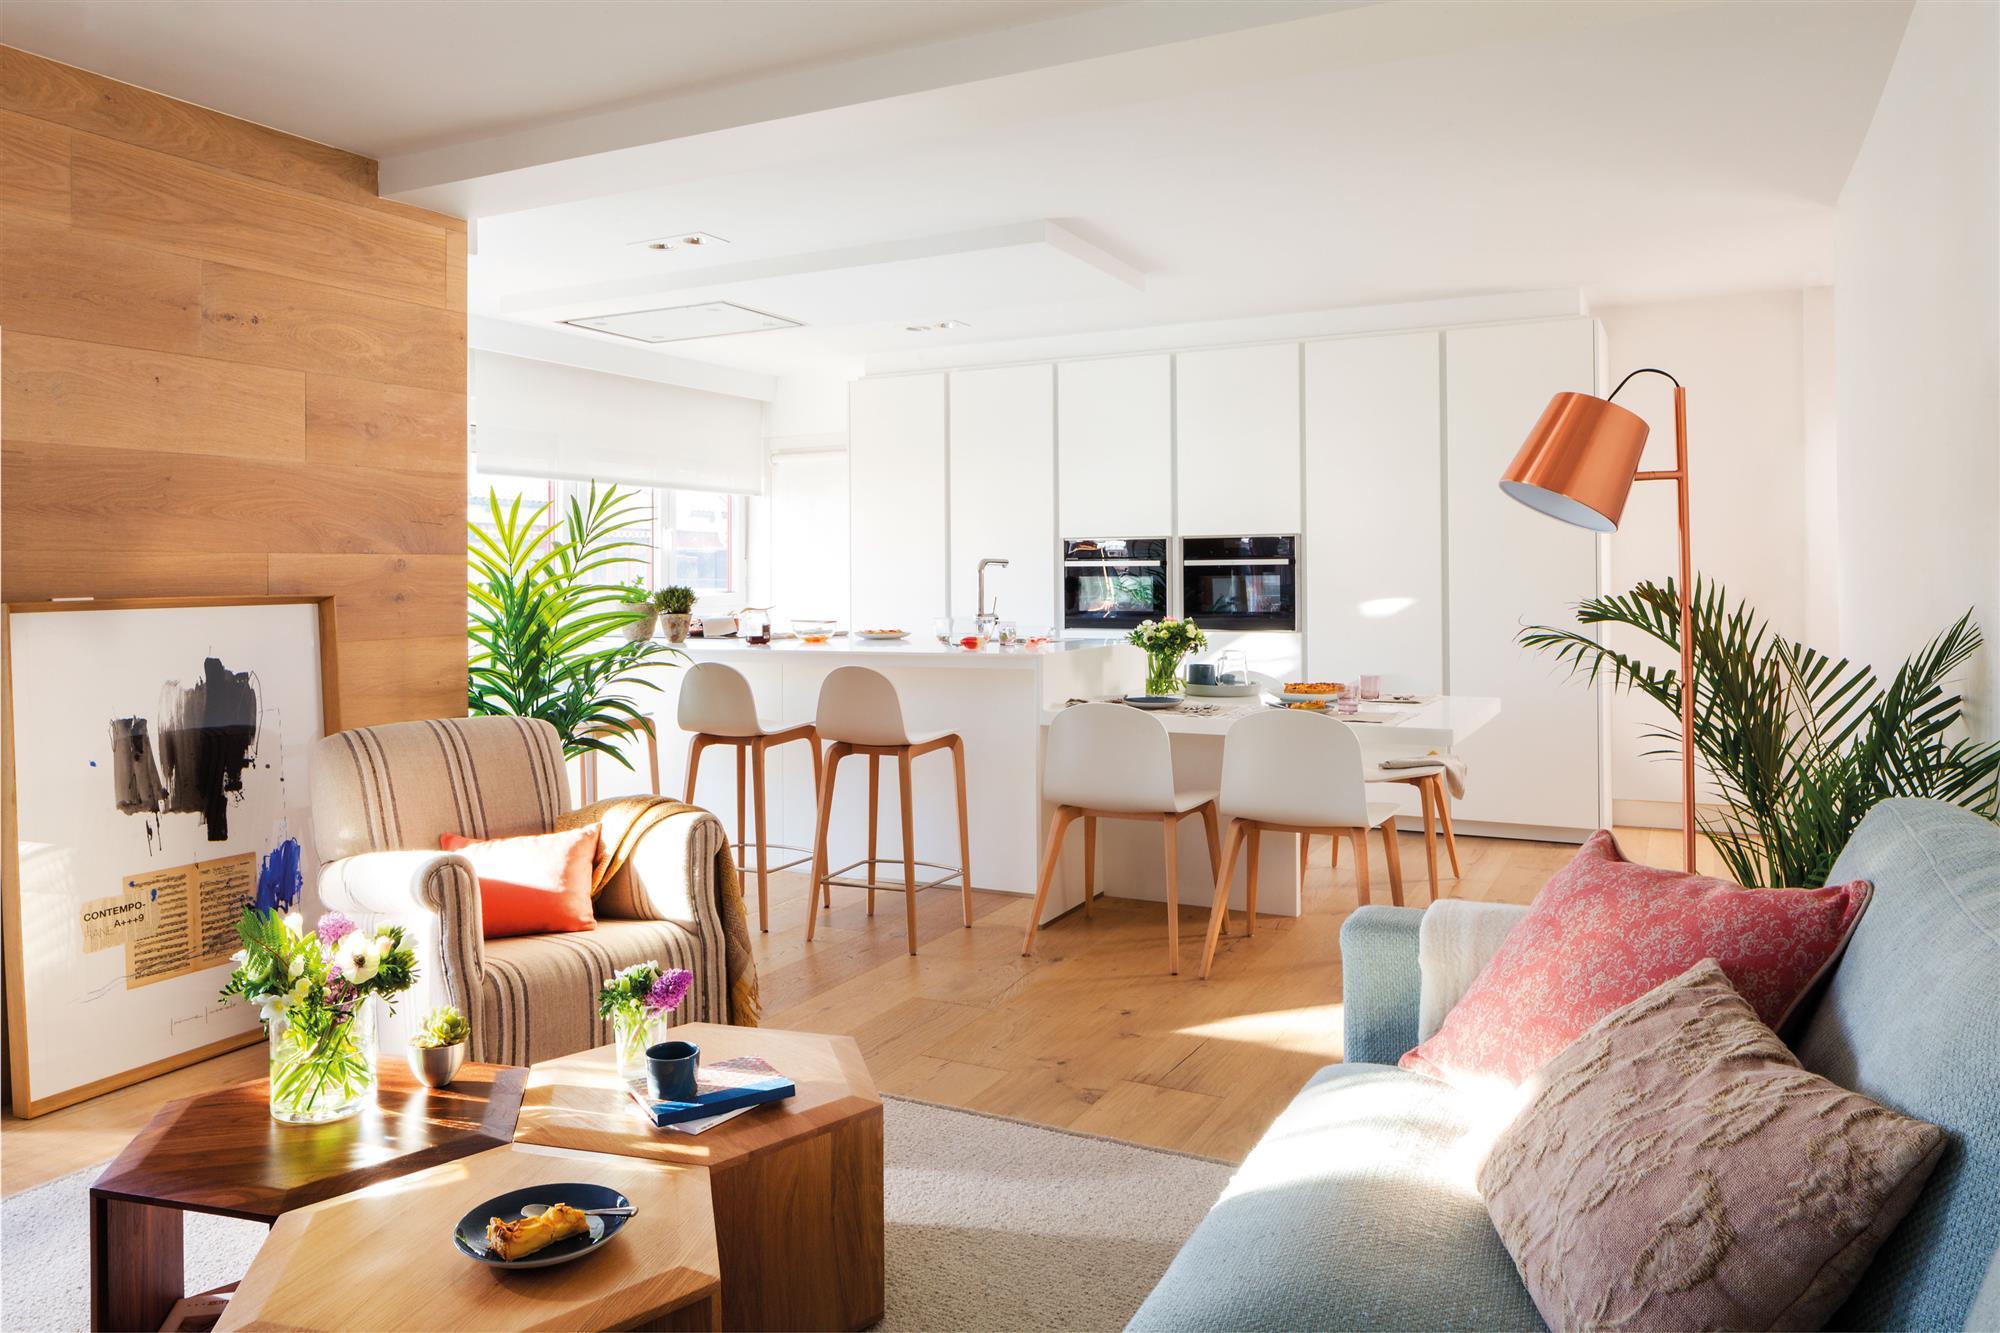 Cocina abierta o cerrada - Cocina salon comedor integrados ...